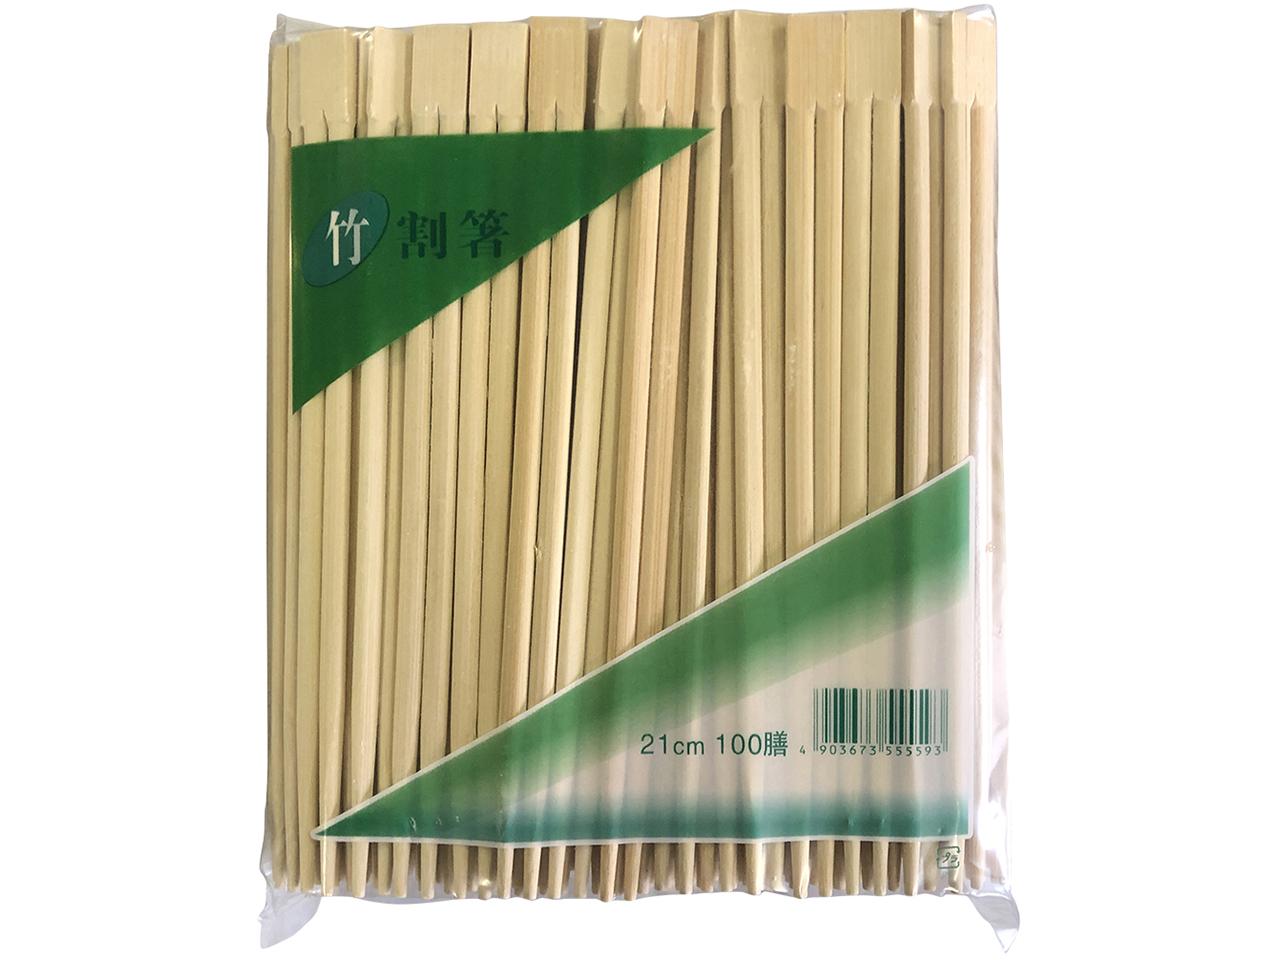 お買い得な輸入の竹割り箸 「竹割箸 ハダカ100膳」